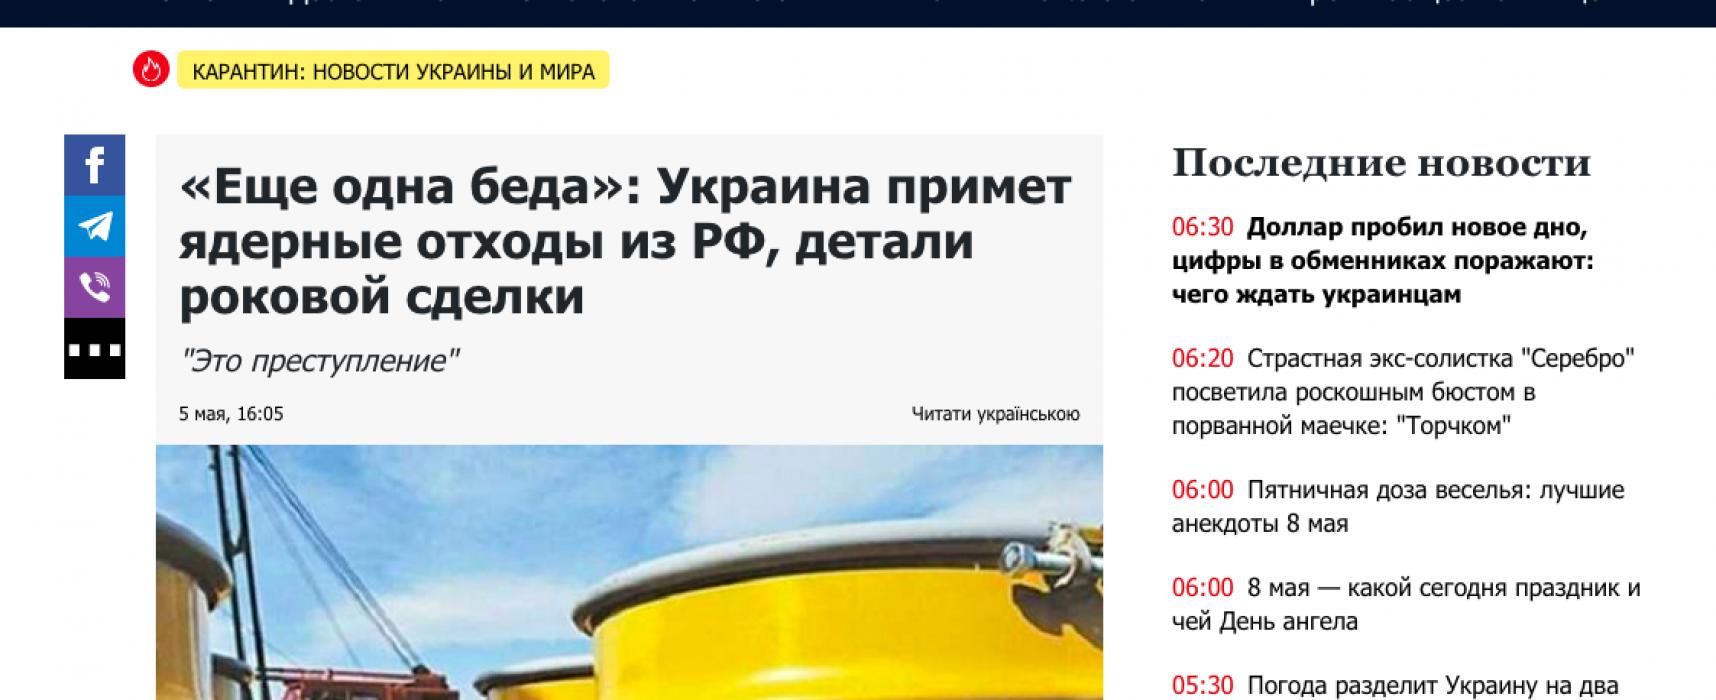 Фейк: Україна зберігатиме російські ядерні відходи